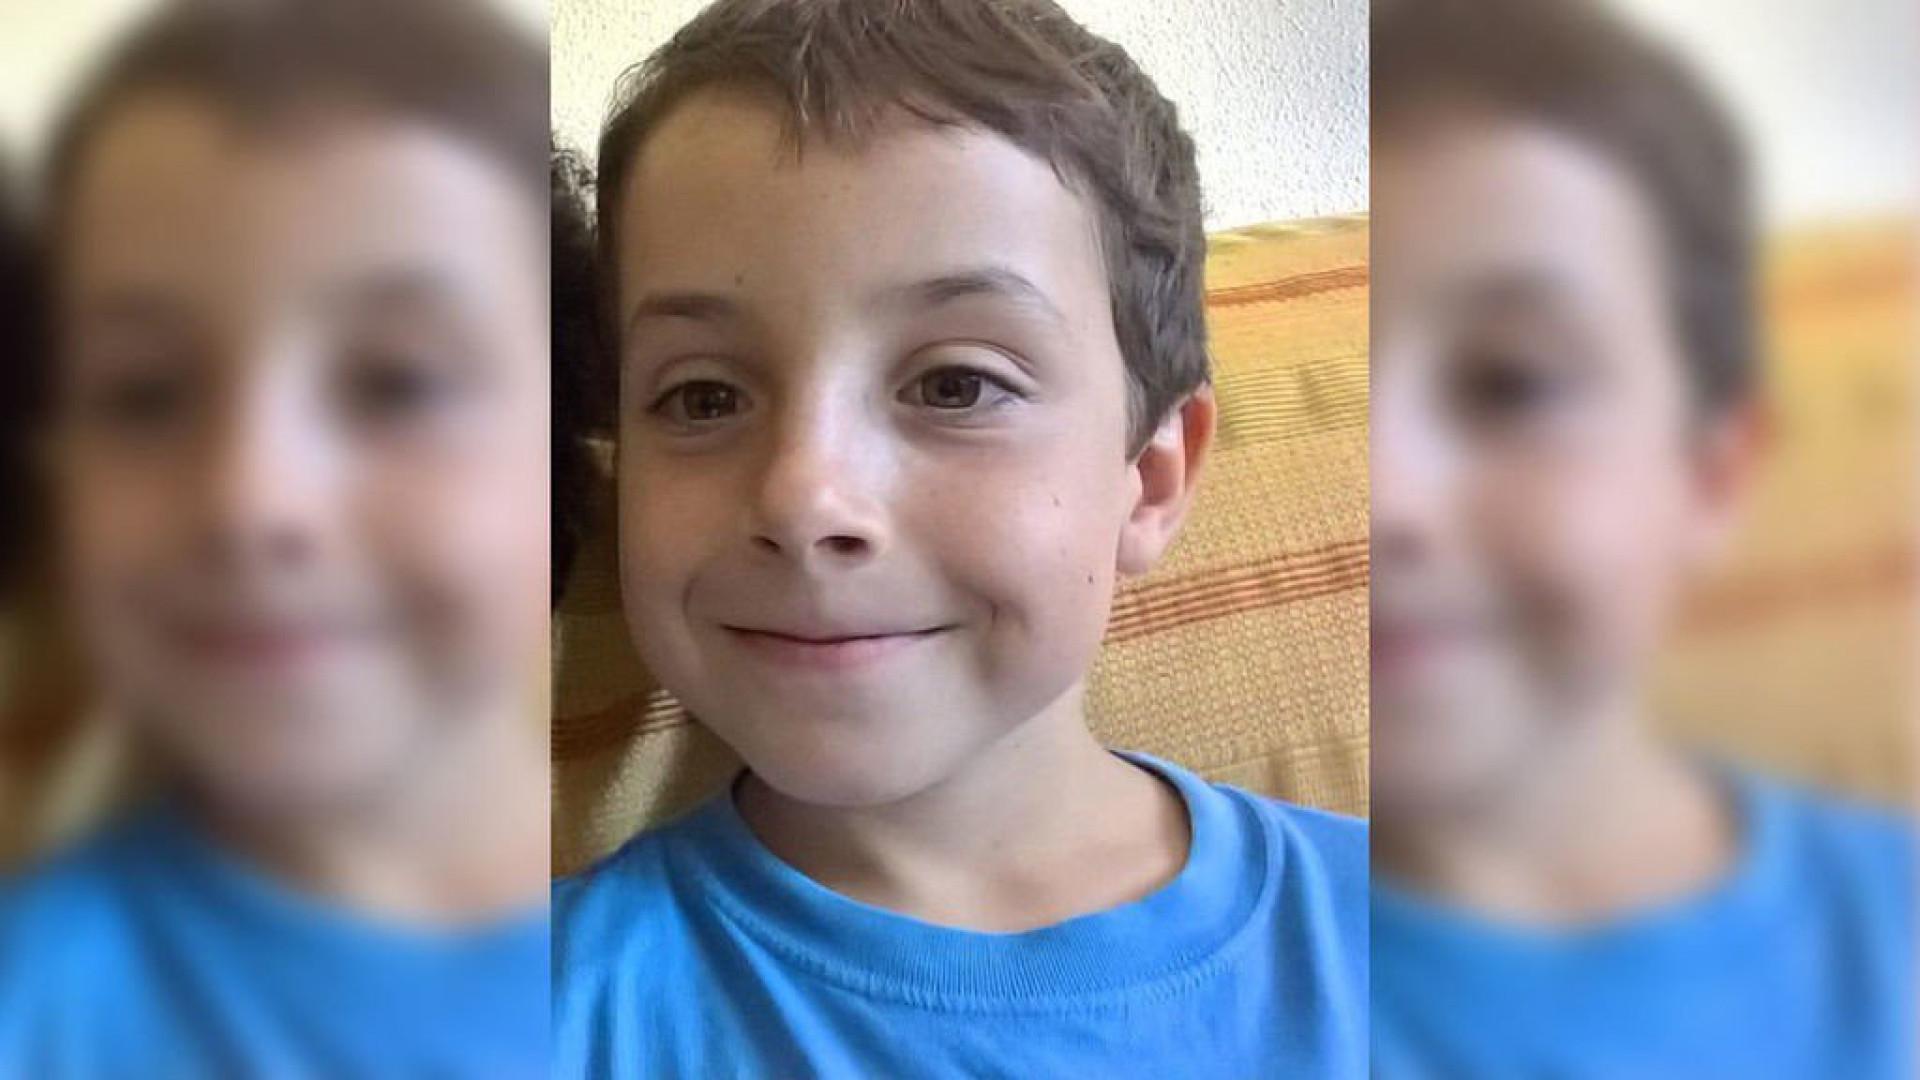 Meses após a morte do pequeno Gabriel mãe escreve-lhe carta